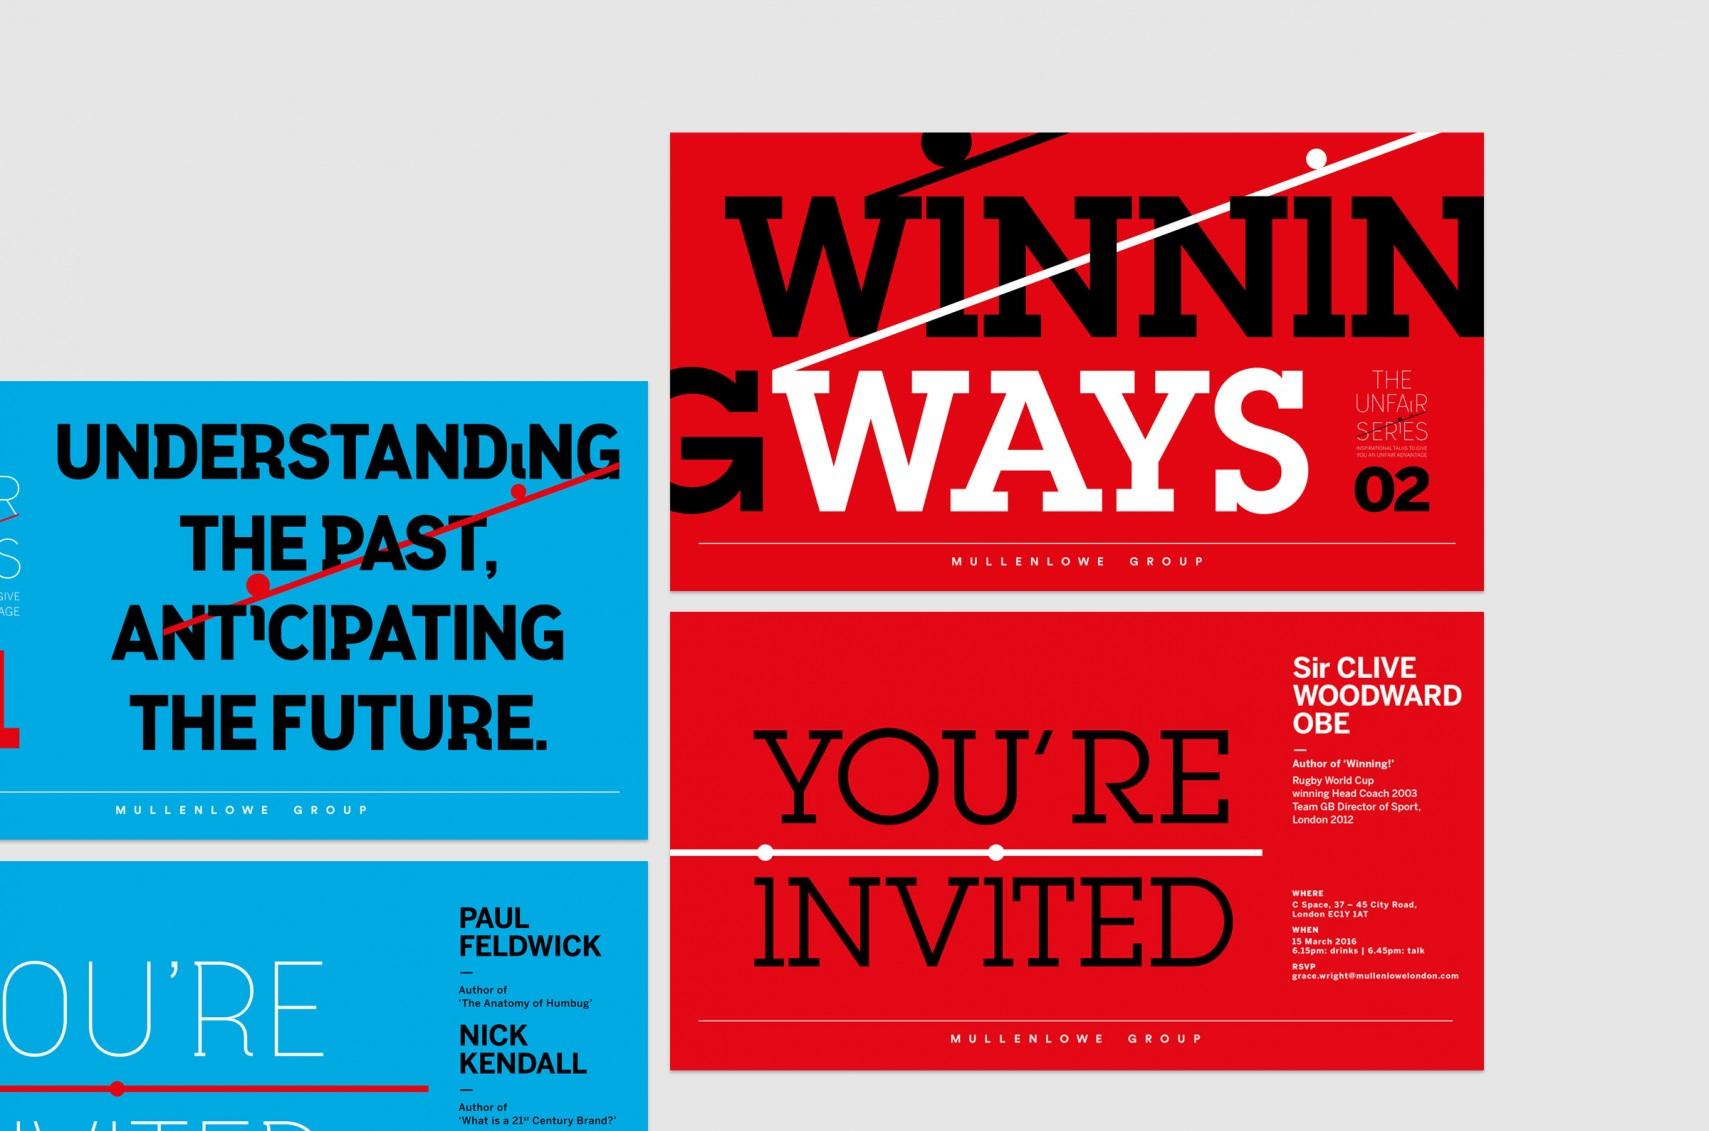 TheUnfairSeries_2d_Invites.jpg